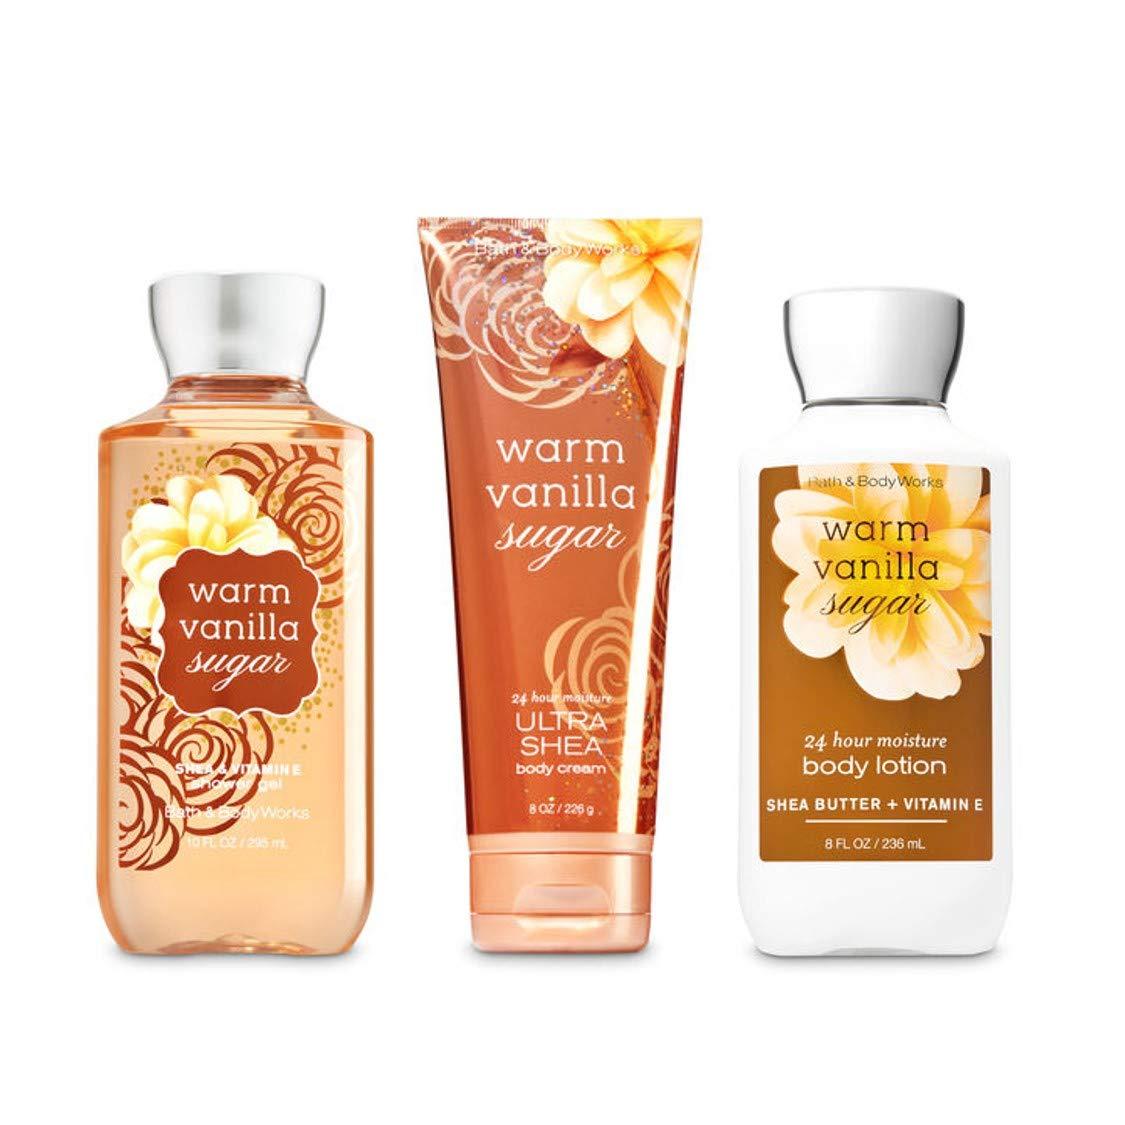 Bath & Body Works Warm Vanilla Sugar Body Set | Shower Gel, Body Lotion & Body Cream : Body Scrubs : Beauty